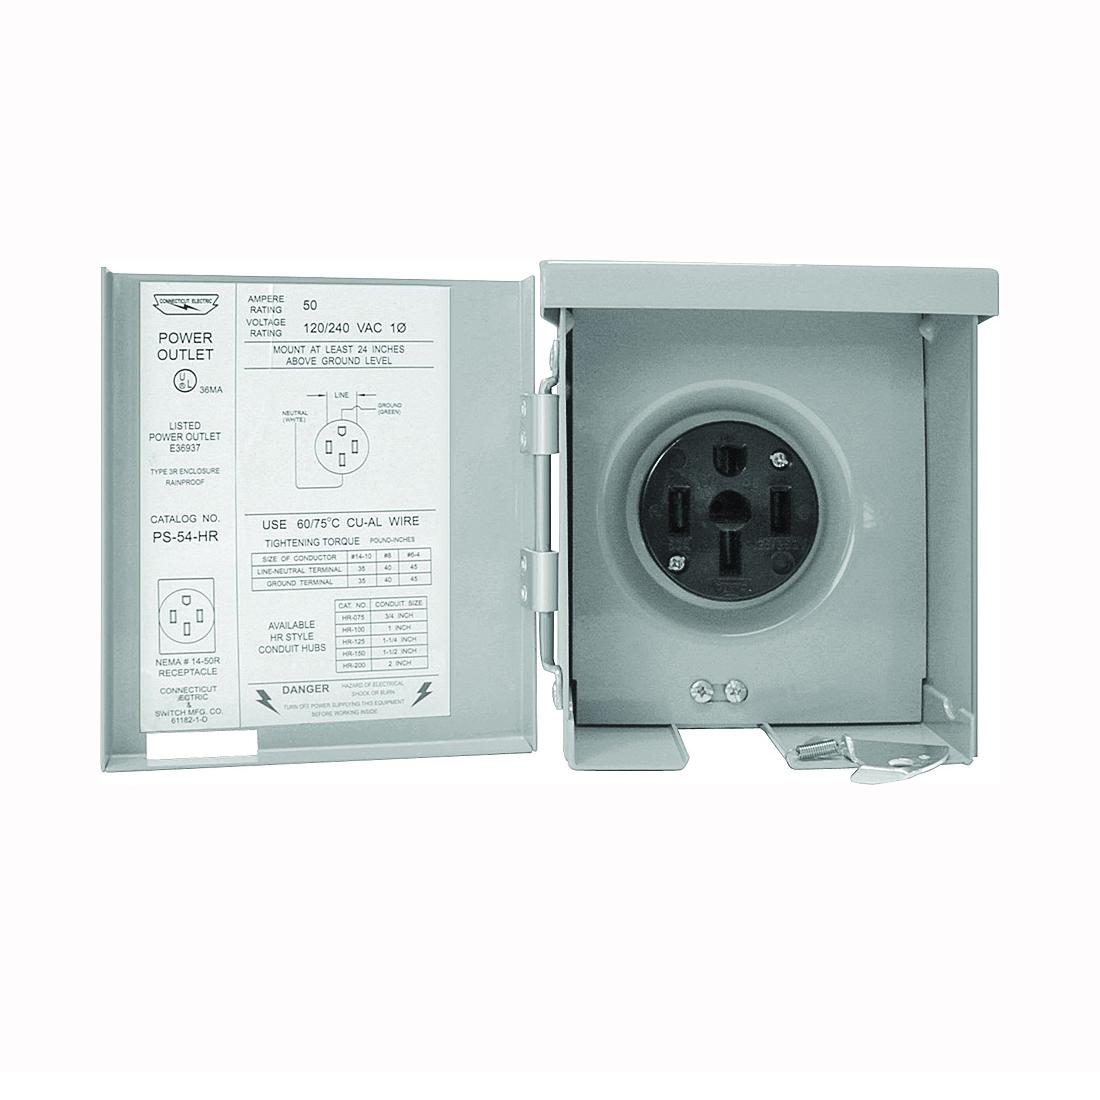 CONNECTICUT ELECTRIC PS-54-HR